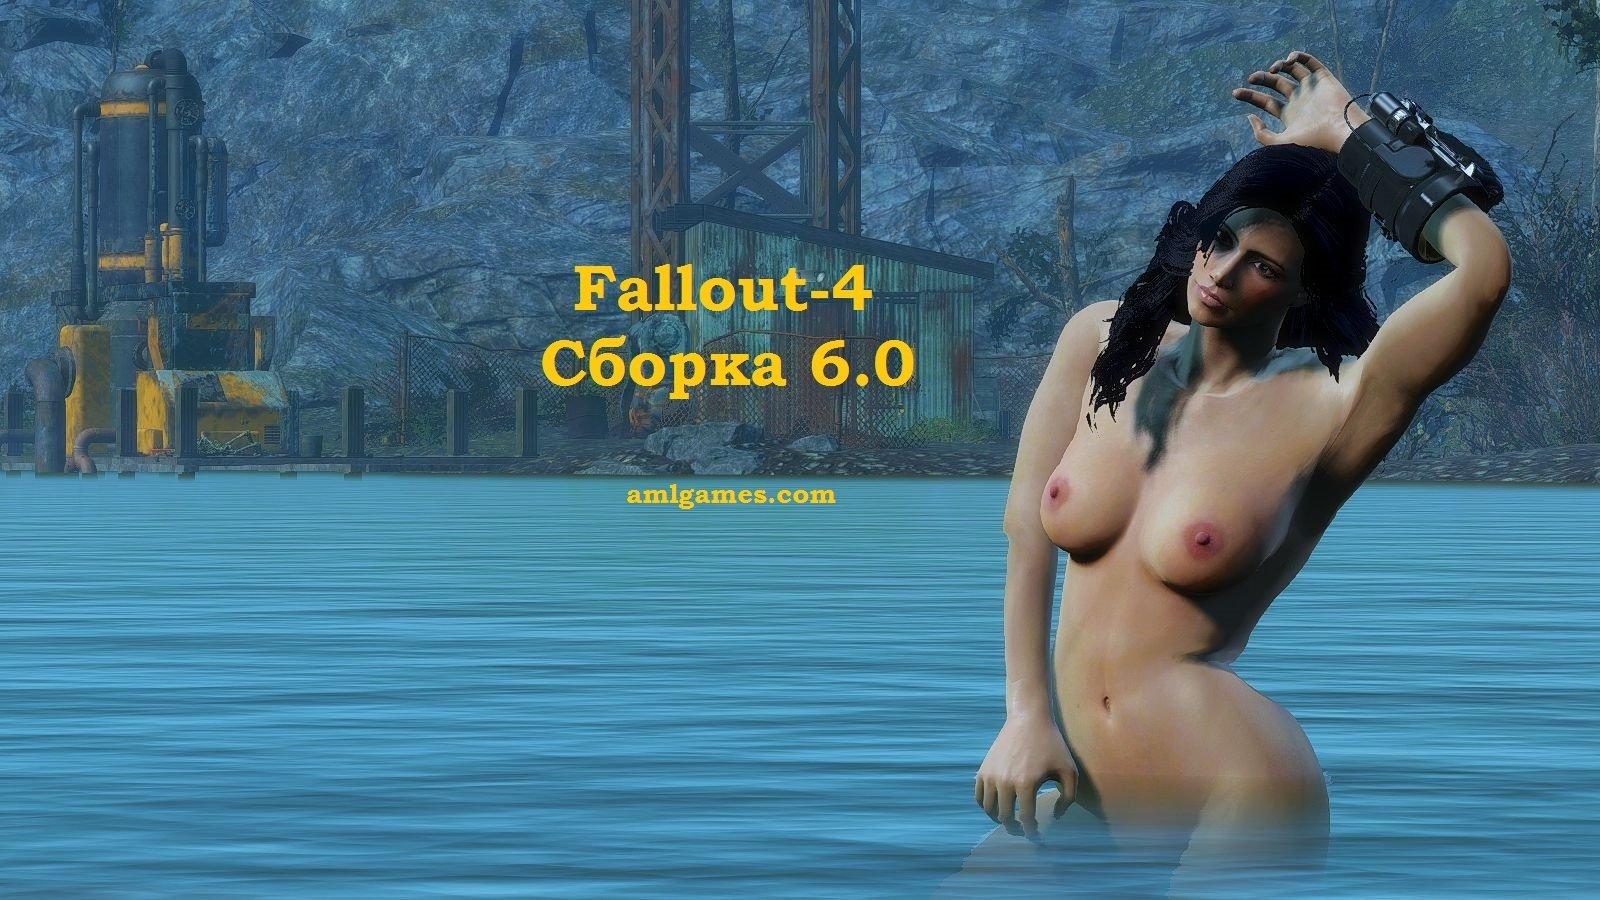 Обложка (4). Fallout-4 (сборка 6.0)